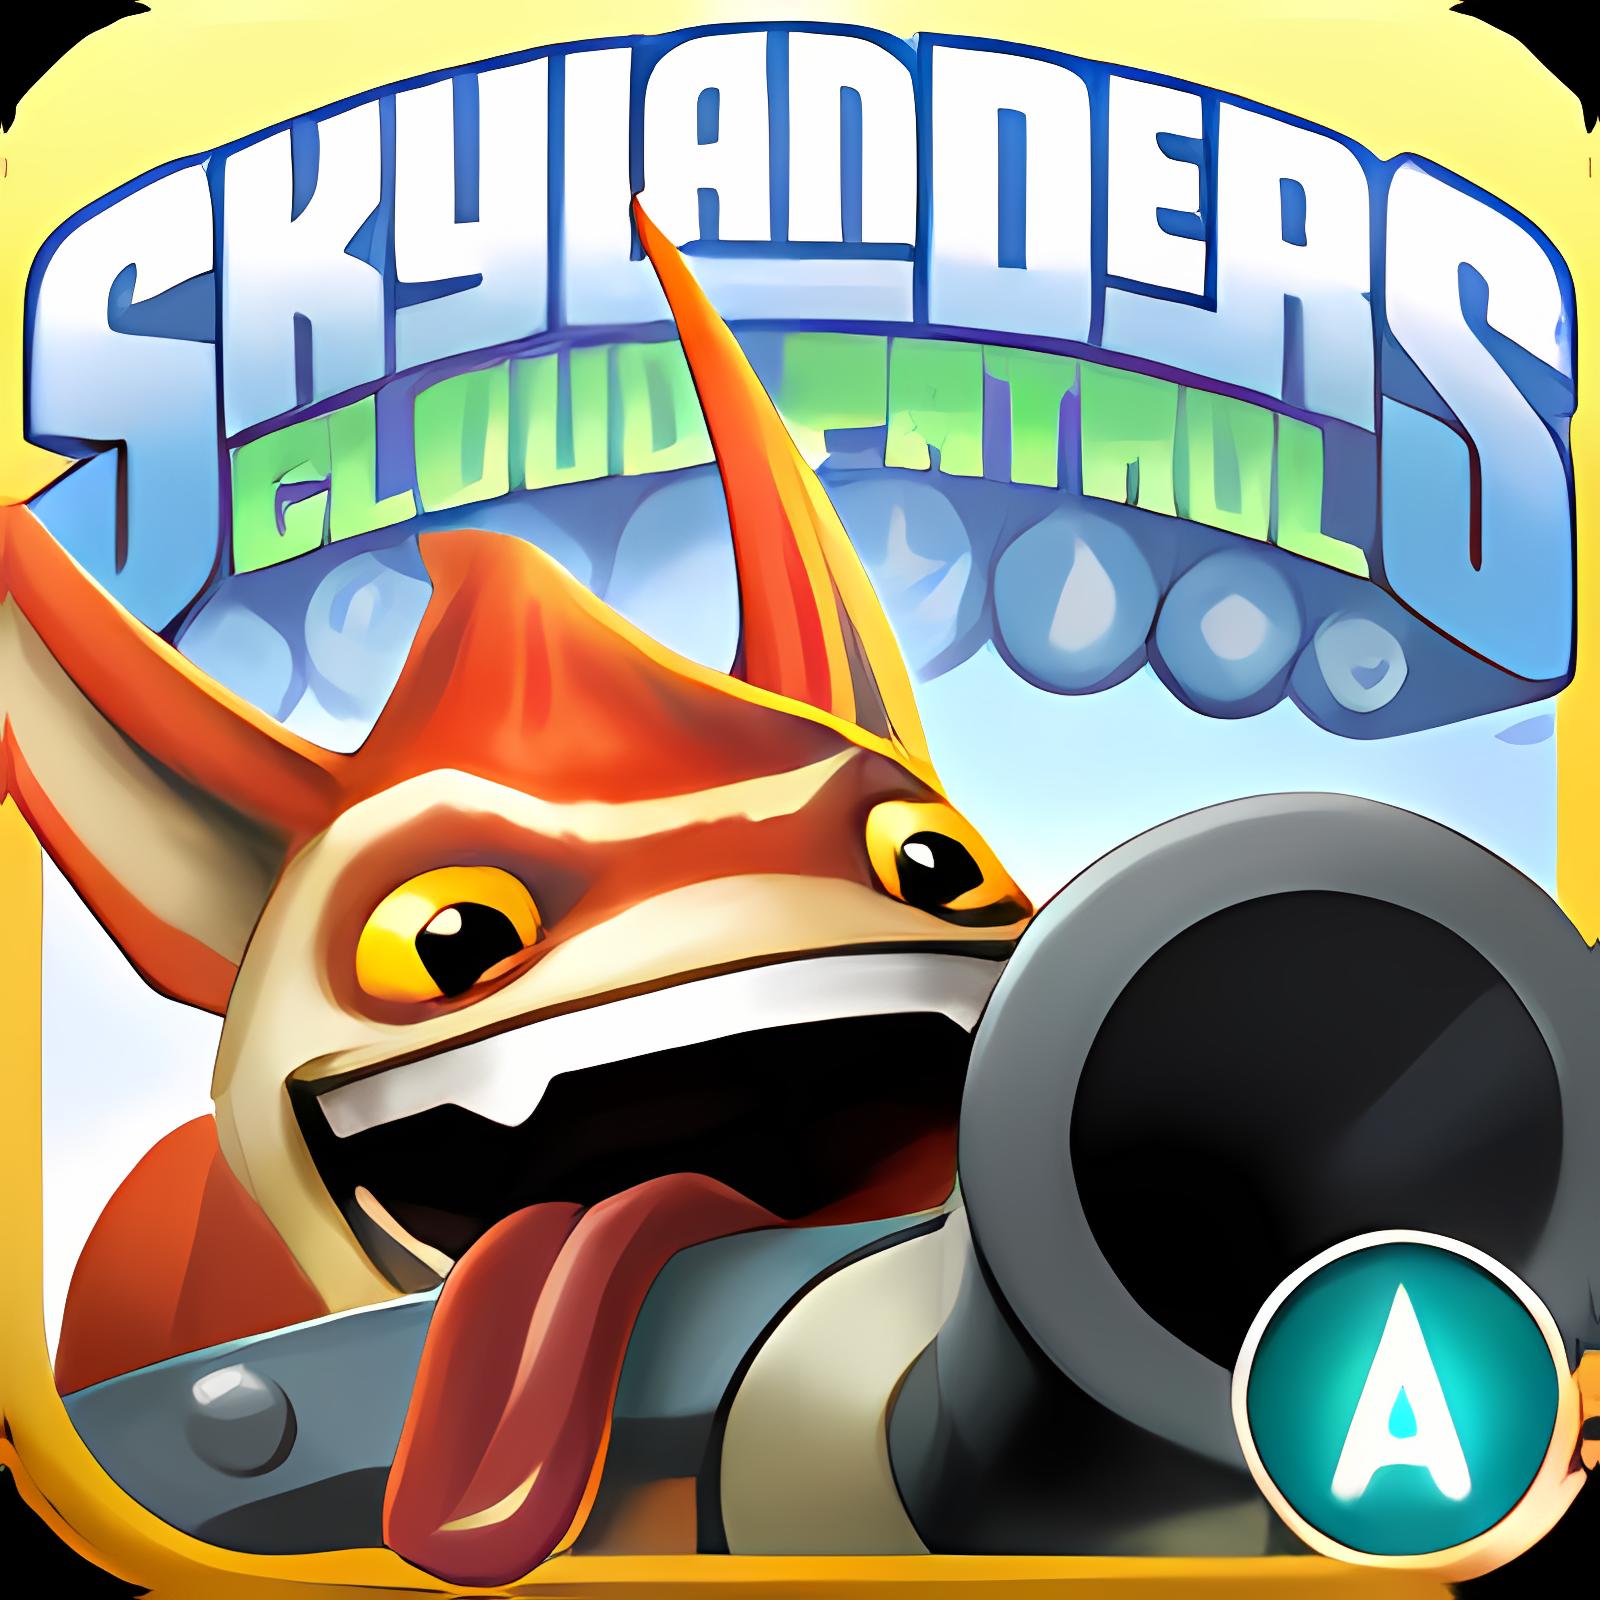 Skylanders Cloud Patrol